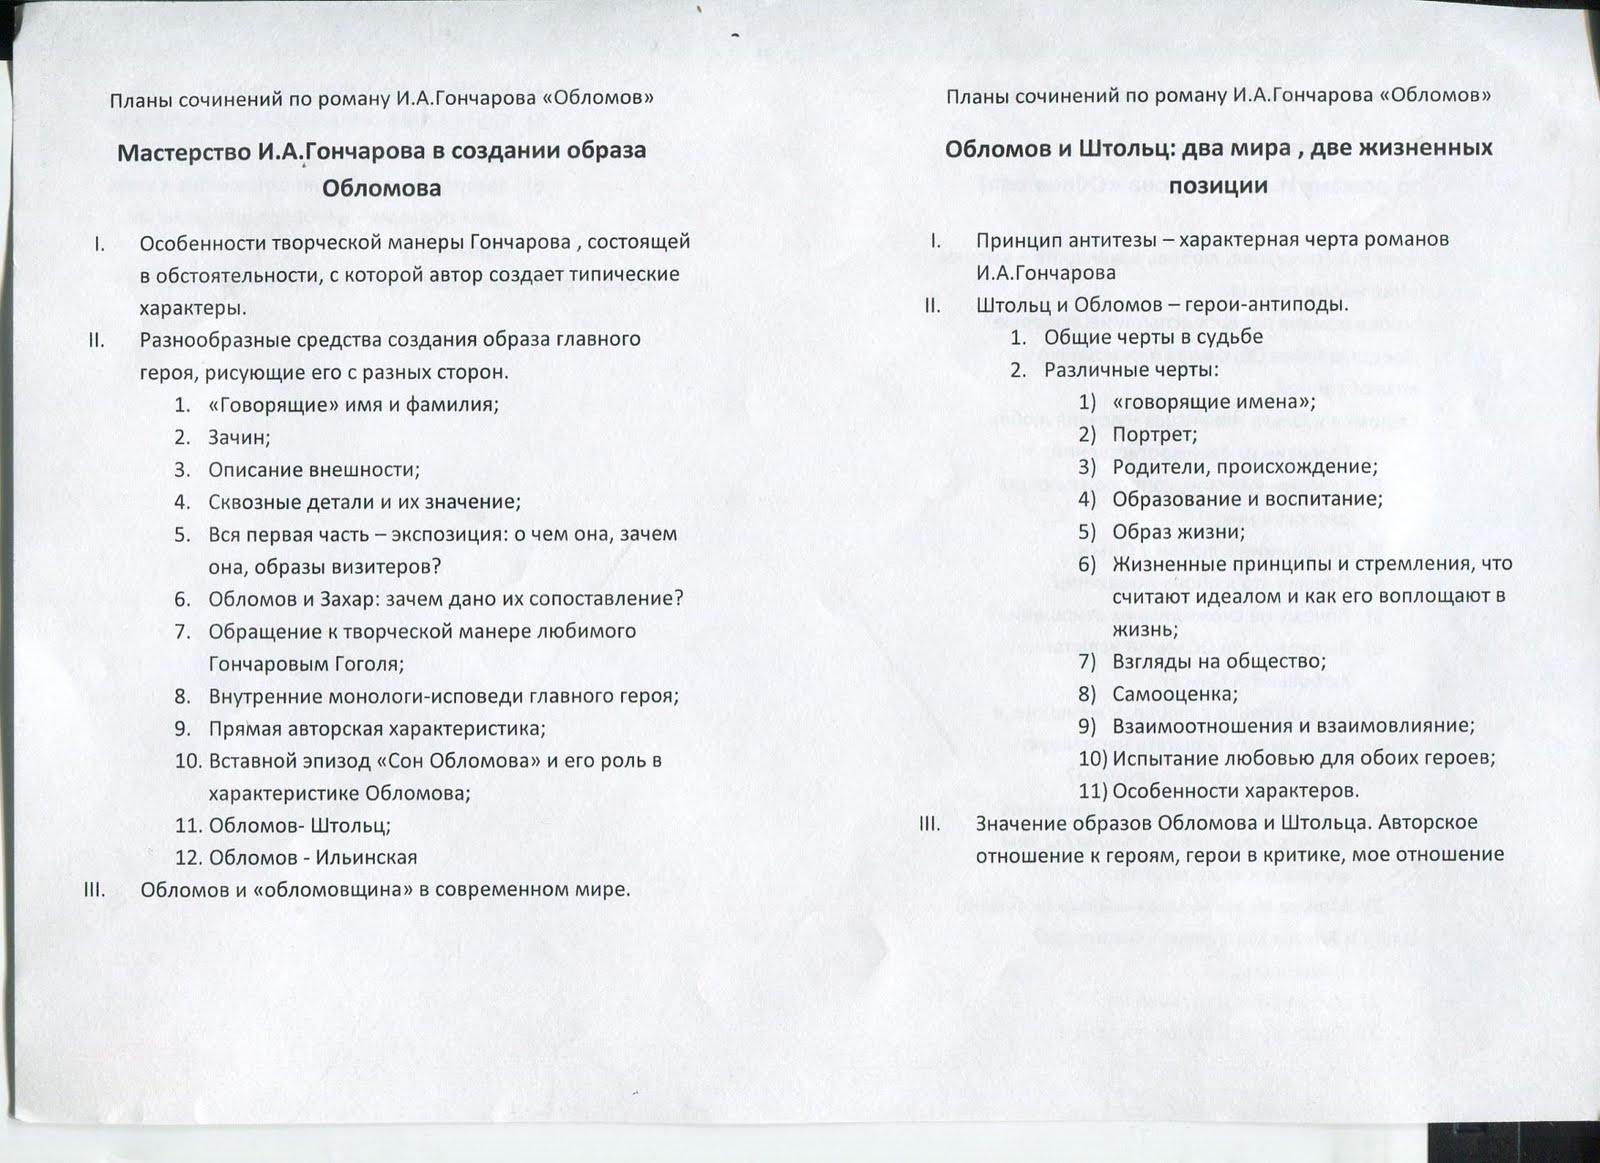 Сочинение на тему обломов романа гончарова